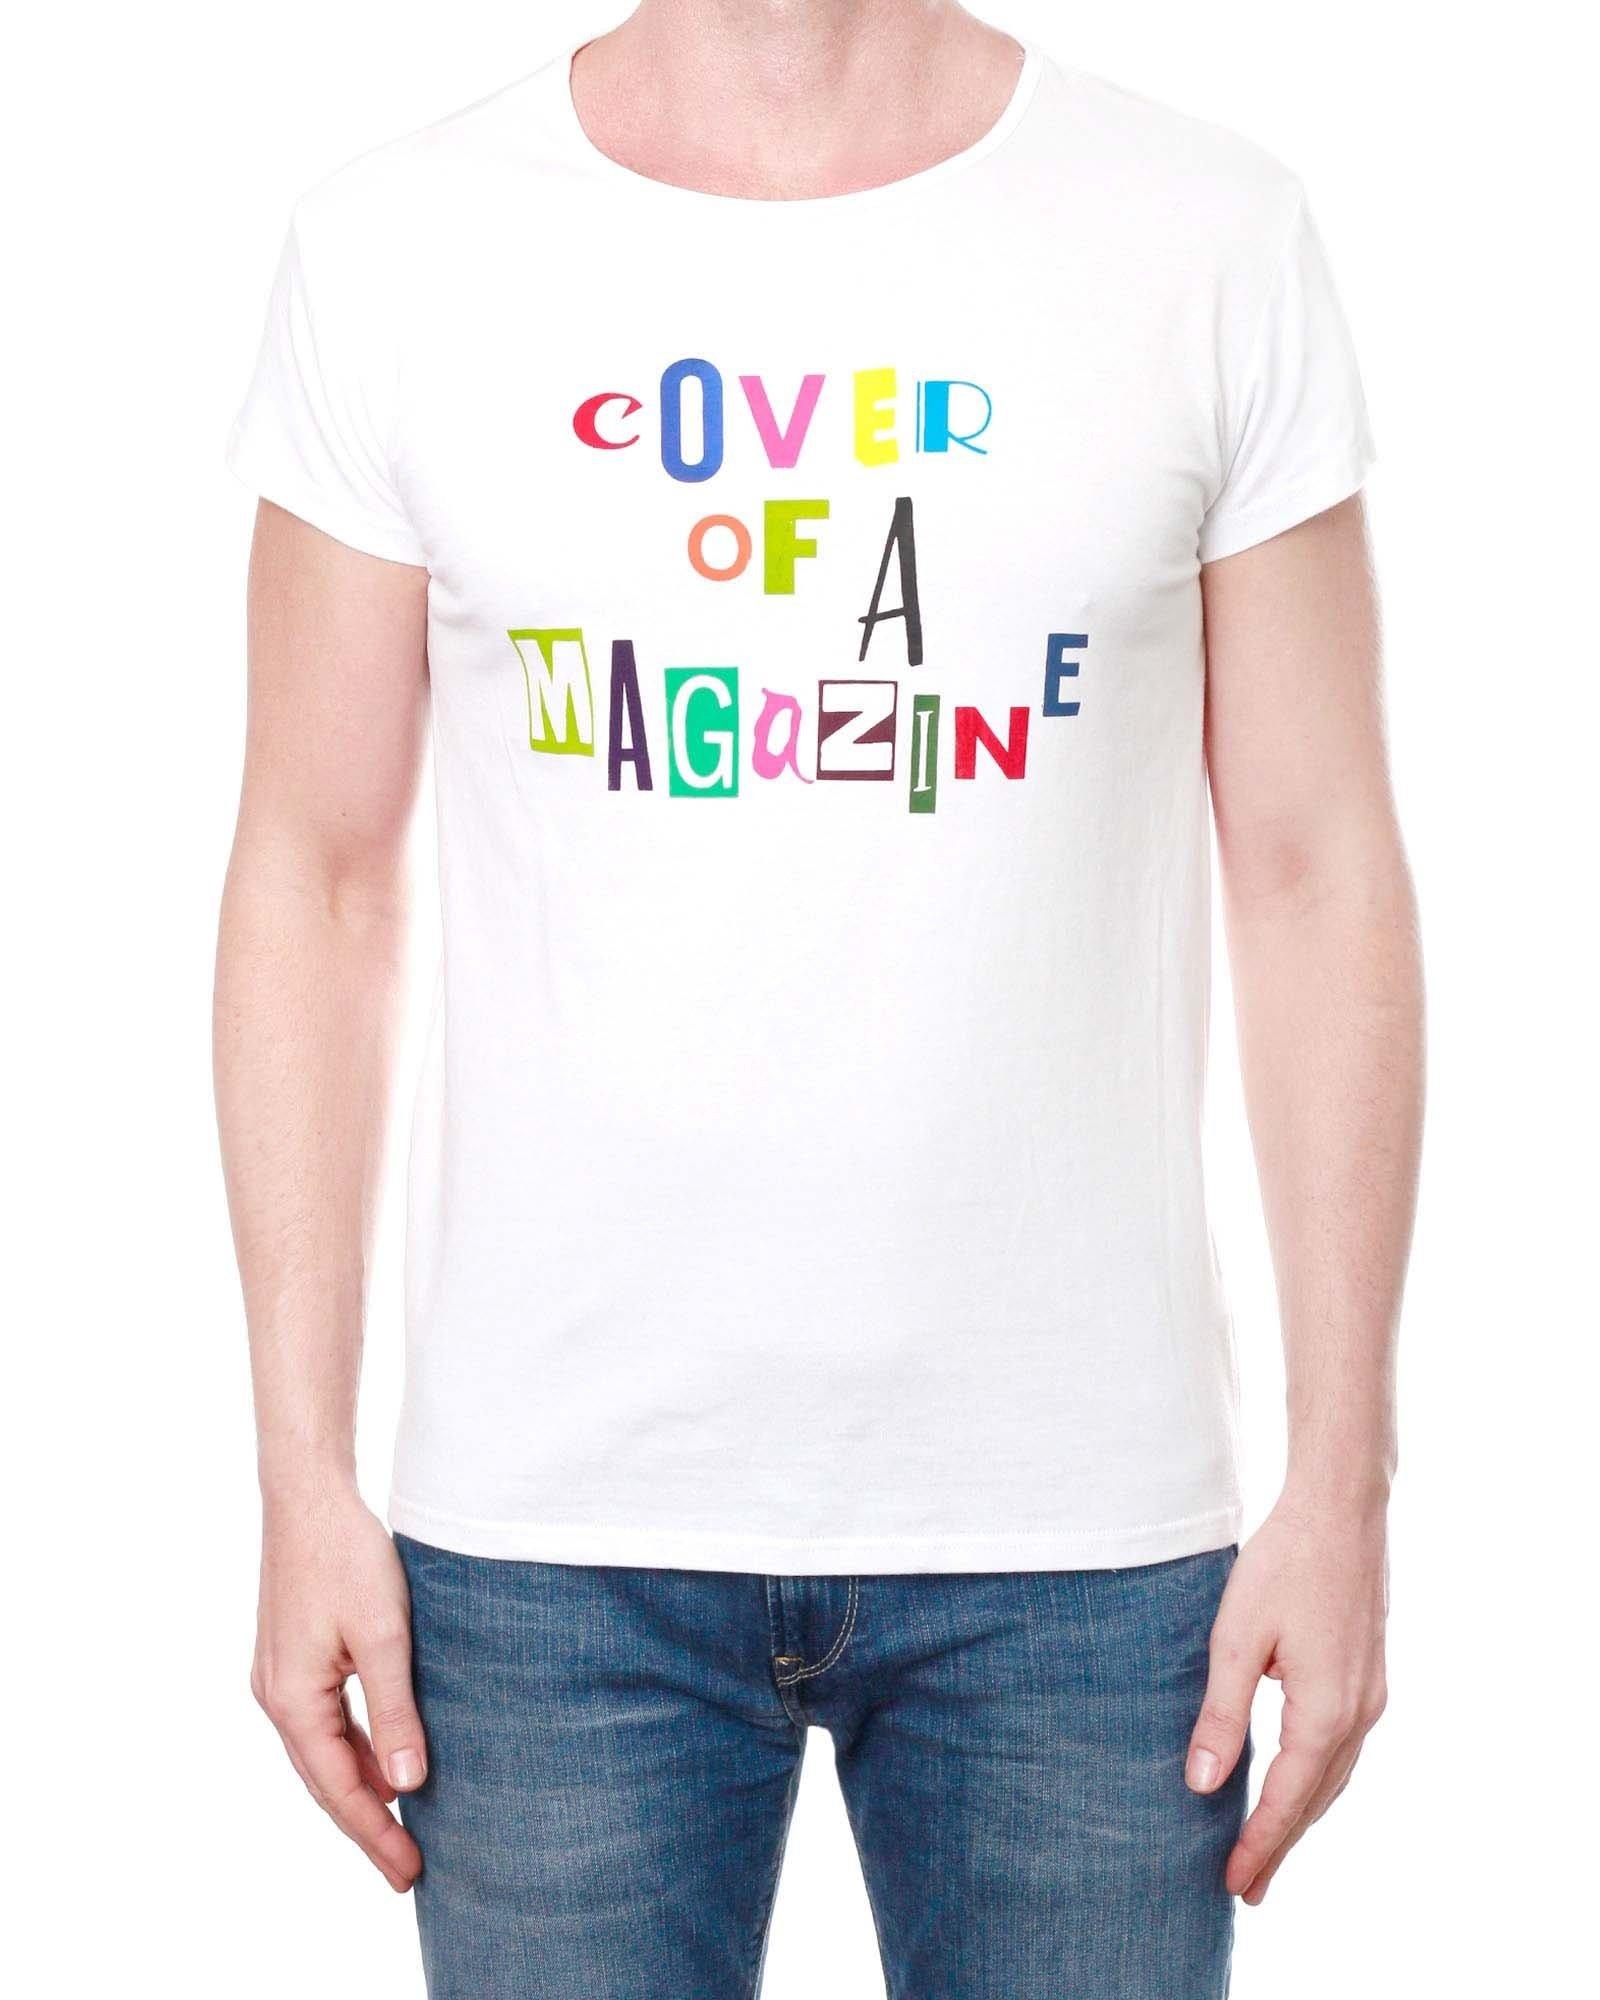 EBCC_Cover_of_a_Magazine_Print_Men_s_White_T-Shirt_Round_Neck_1_1024x1024@2x